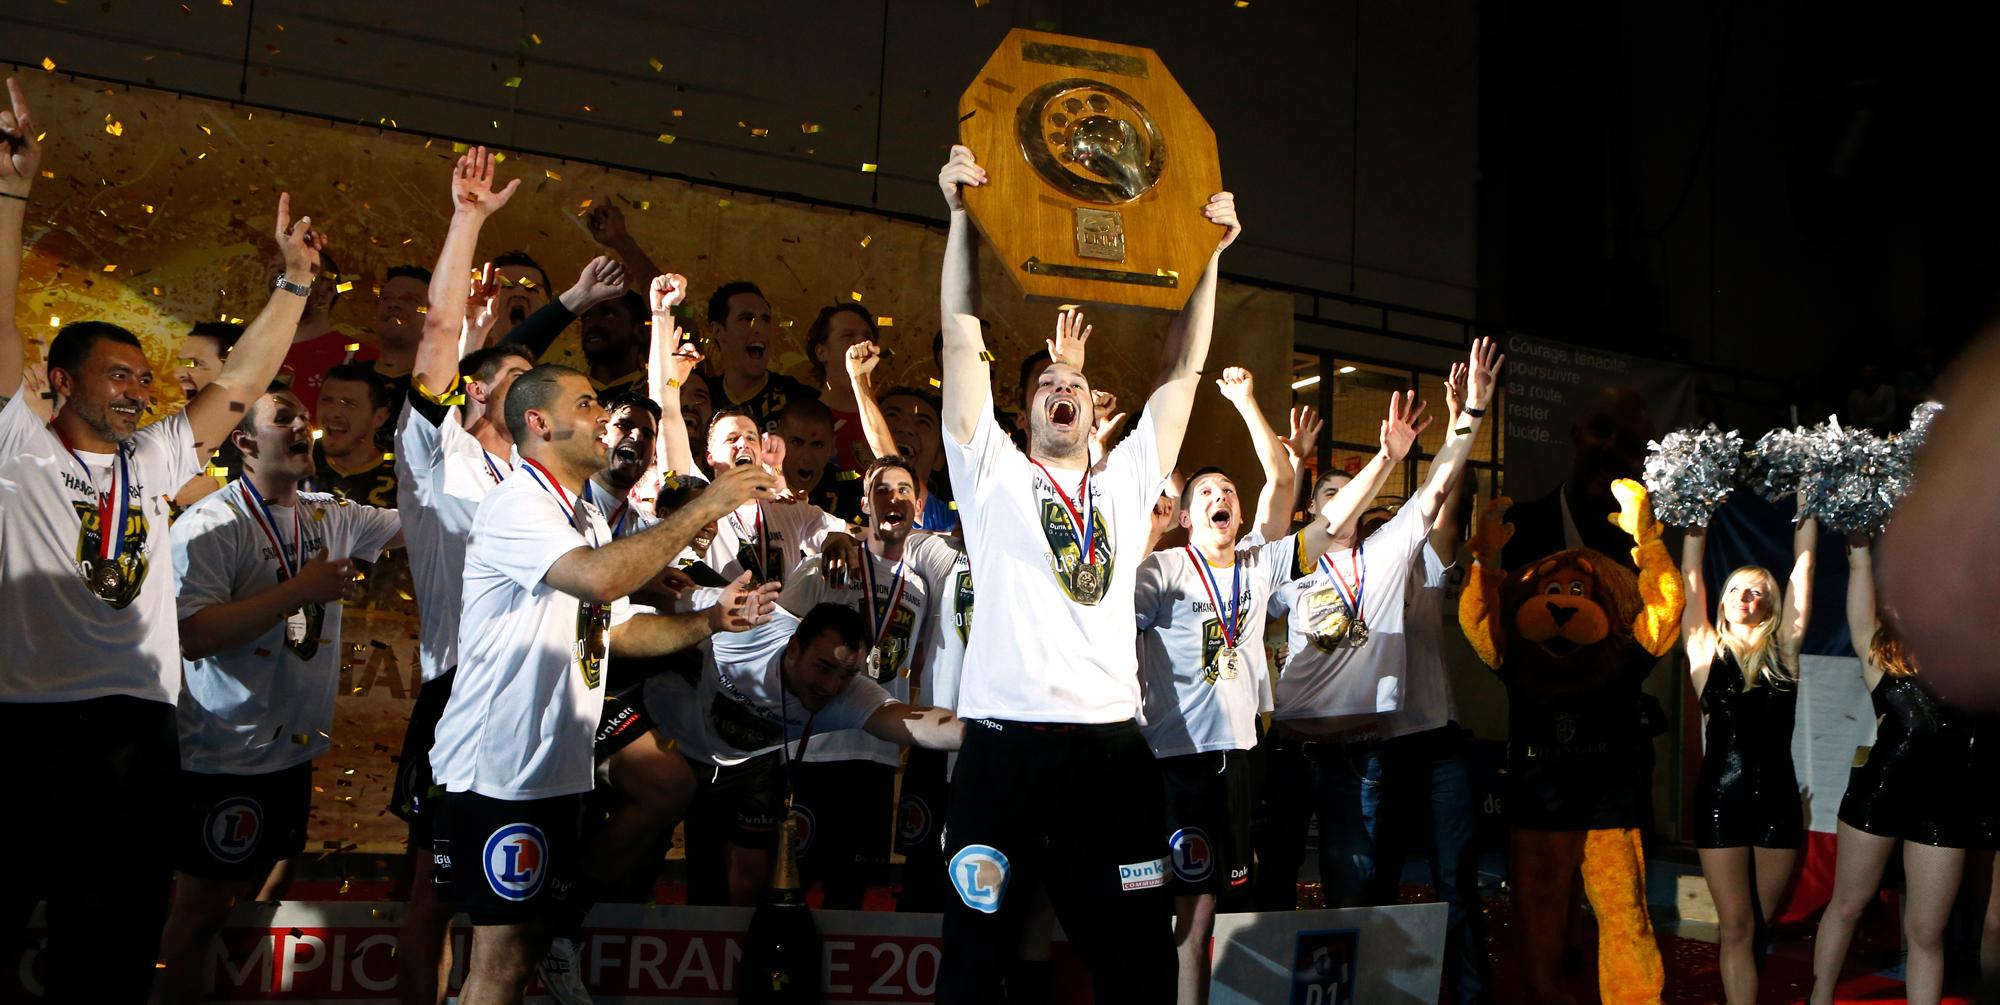 Le 22 mai 2014, Dunkerque est sacré Champion de Lidl Starligue, encore